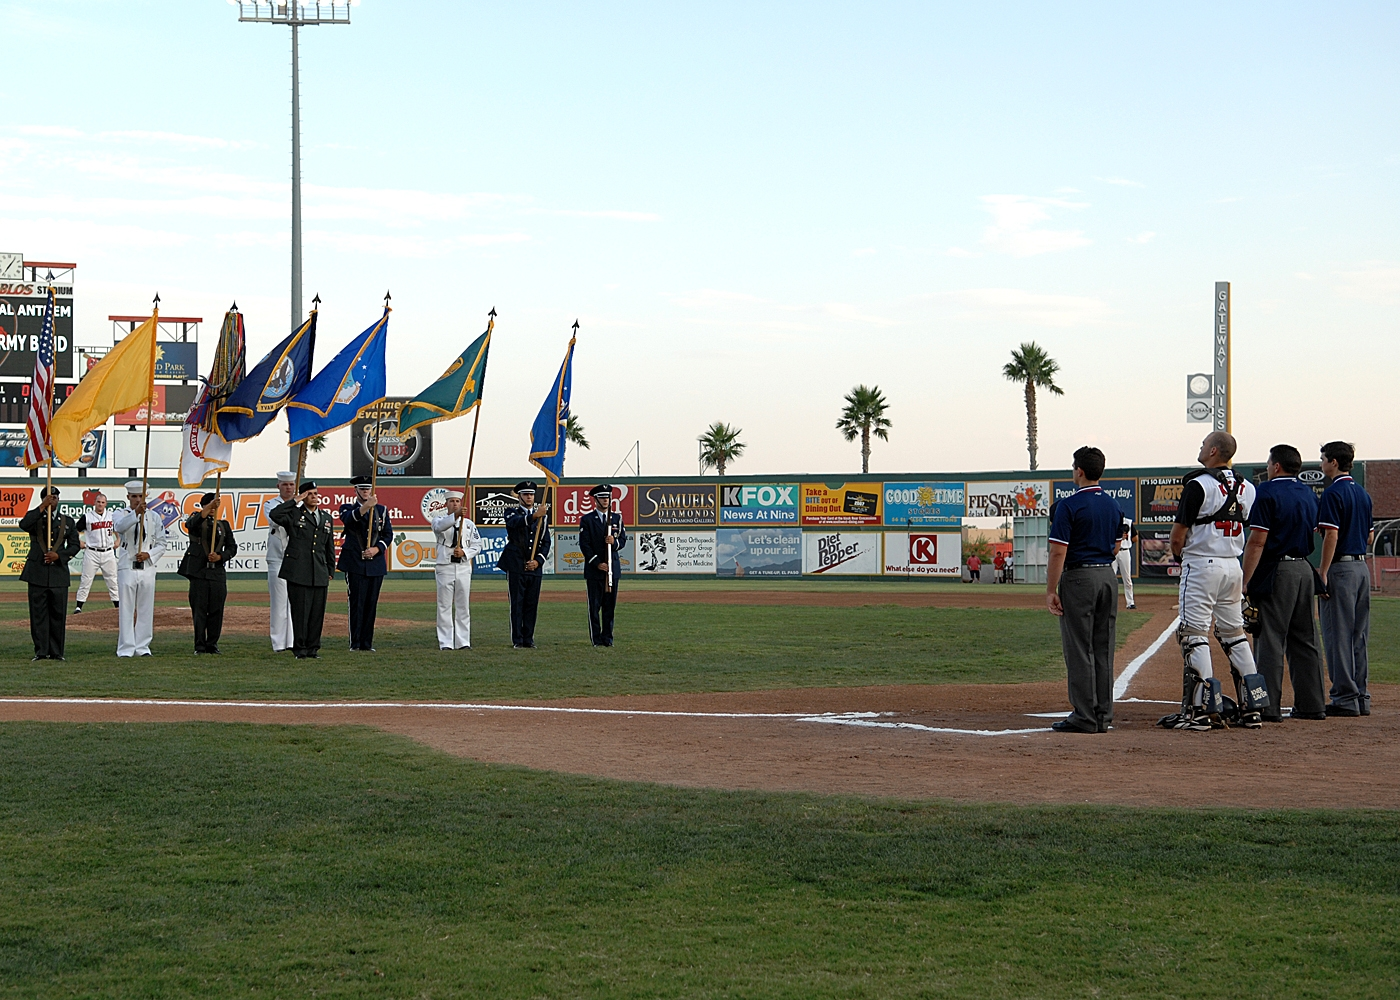 El Paso Diablos host military appreciation > Holloman Air